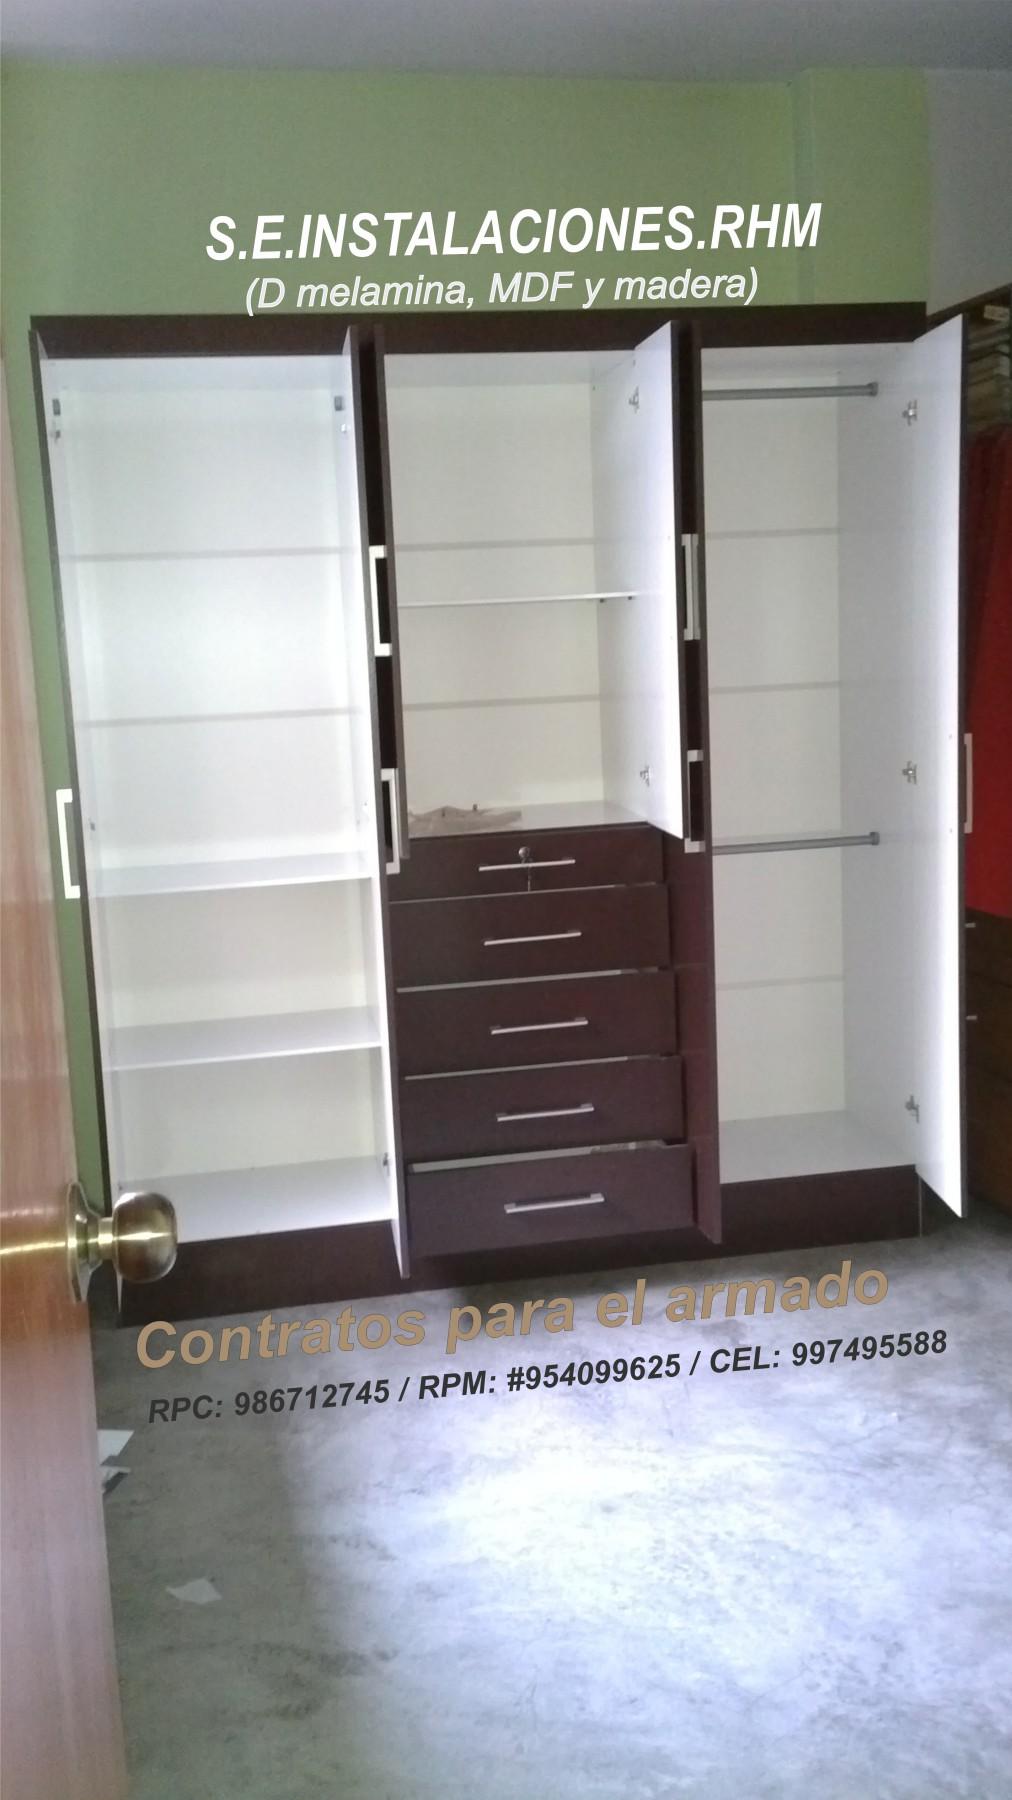 Armado de muebles de sodimac for Armado de muebles de cocina